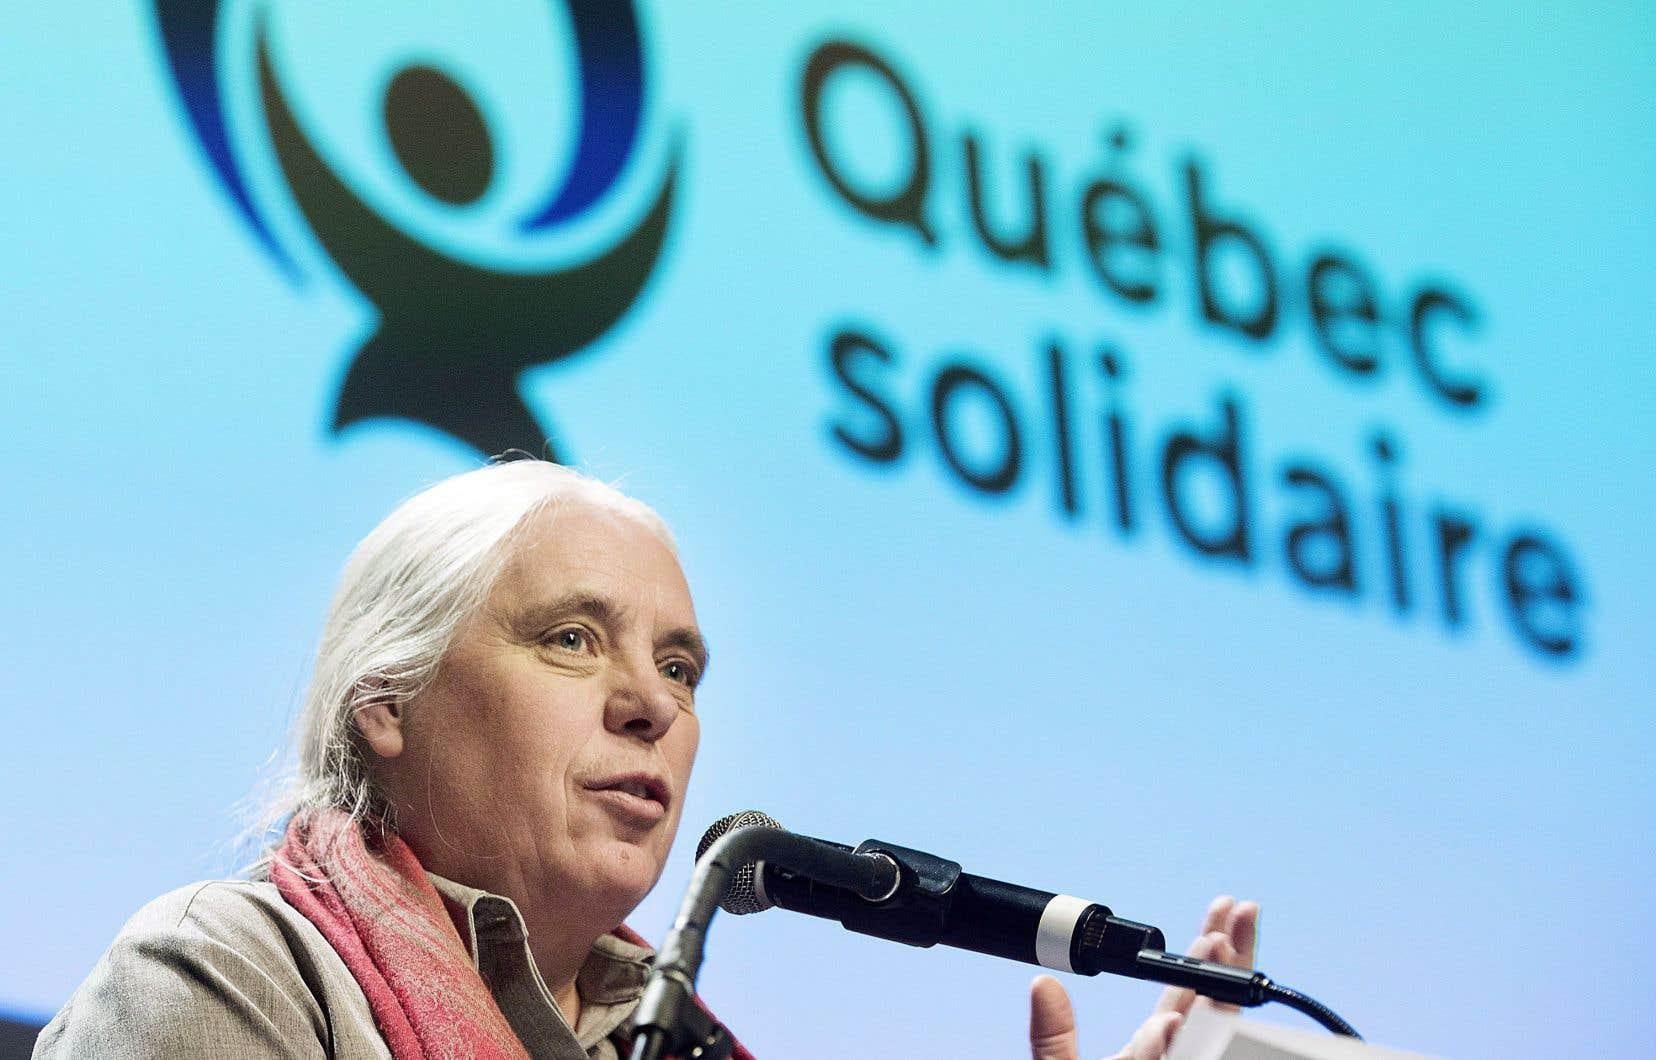 Les solidaires avaient le choix entre deux options, soit de continuer à soutenir l'interdiction des signes religieux pour les policiers, les juges, les procureurs de la Couronne et les gardiens de prison comme le recommandait le rapport Bouchard-Taylor en 2008 ou l'absence d'interdiction.